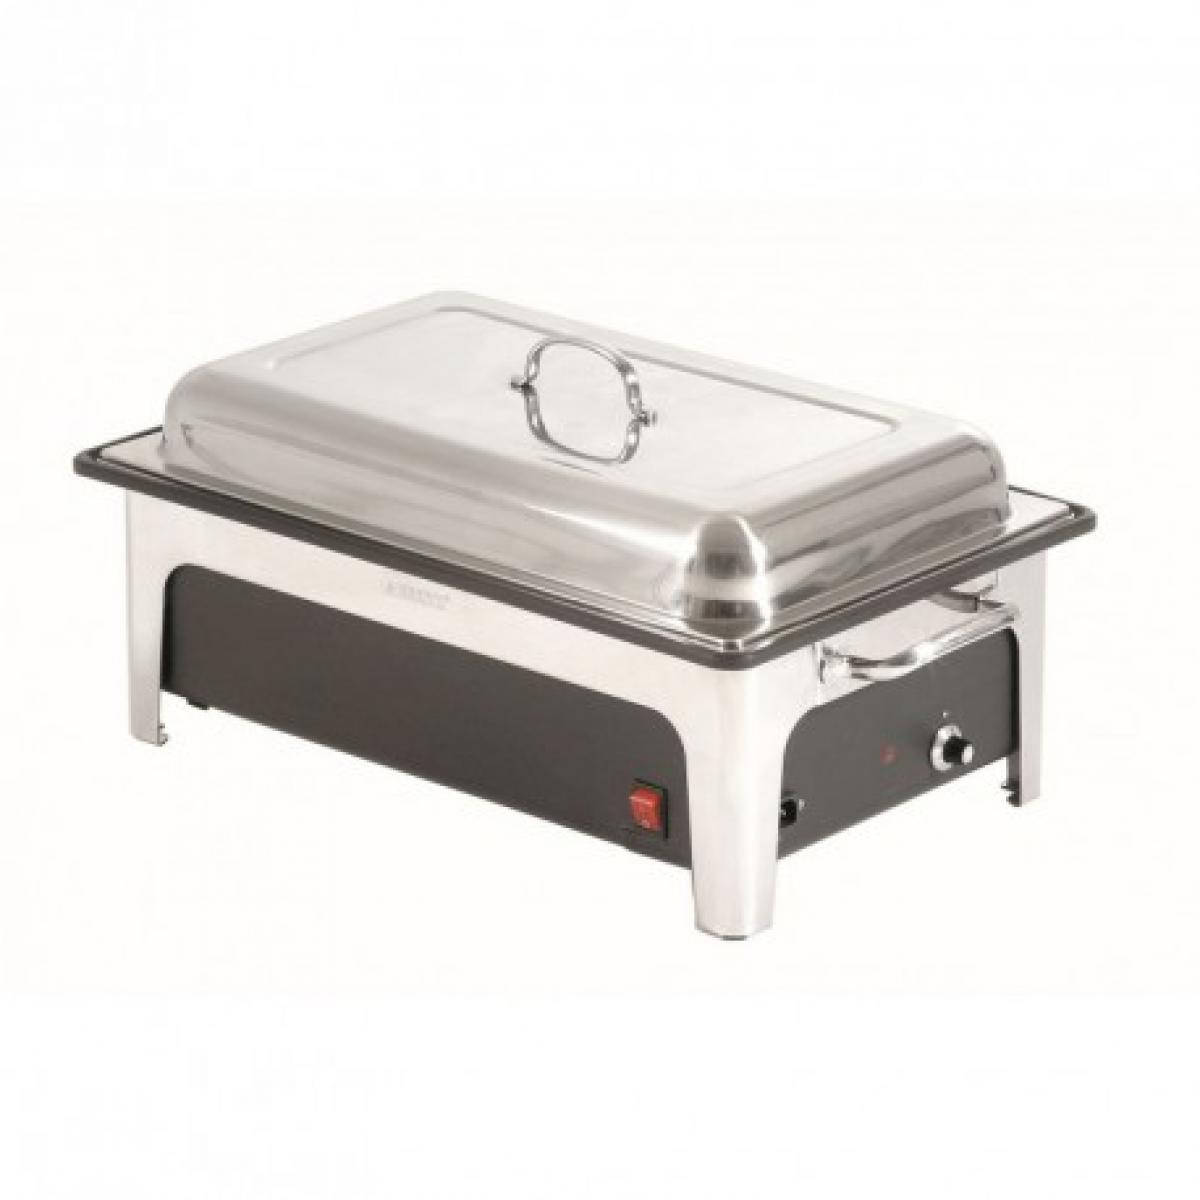 Bartscher Chafing Dish Electrique profondeur 100 mm - Bartscher GN 1/1 -